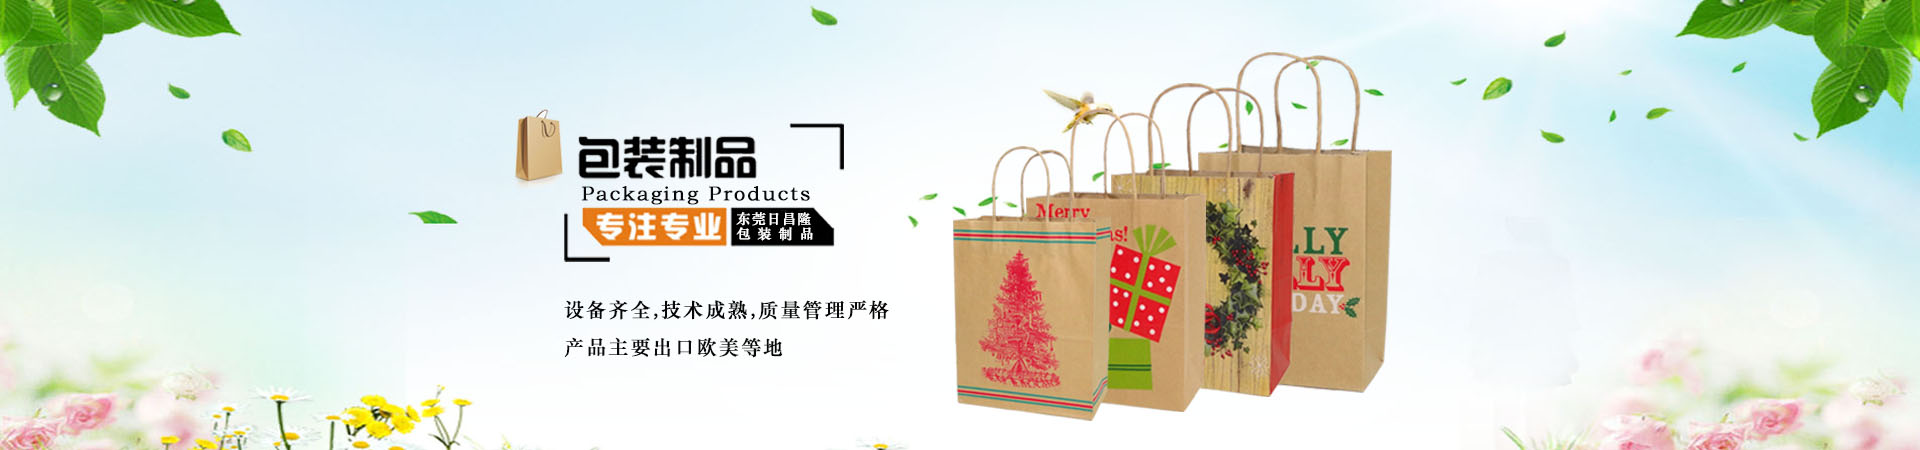 东莞日昌隆包装制品有限公司